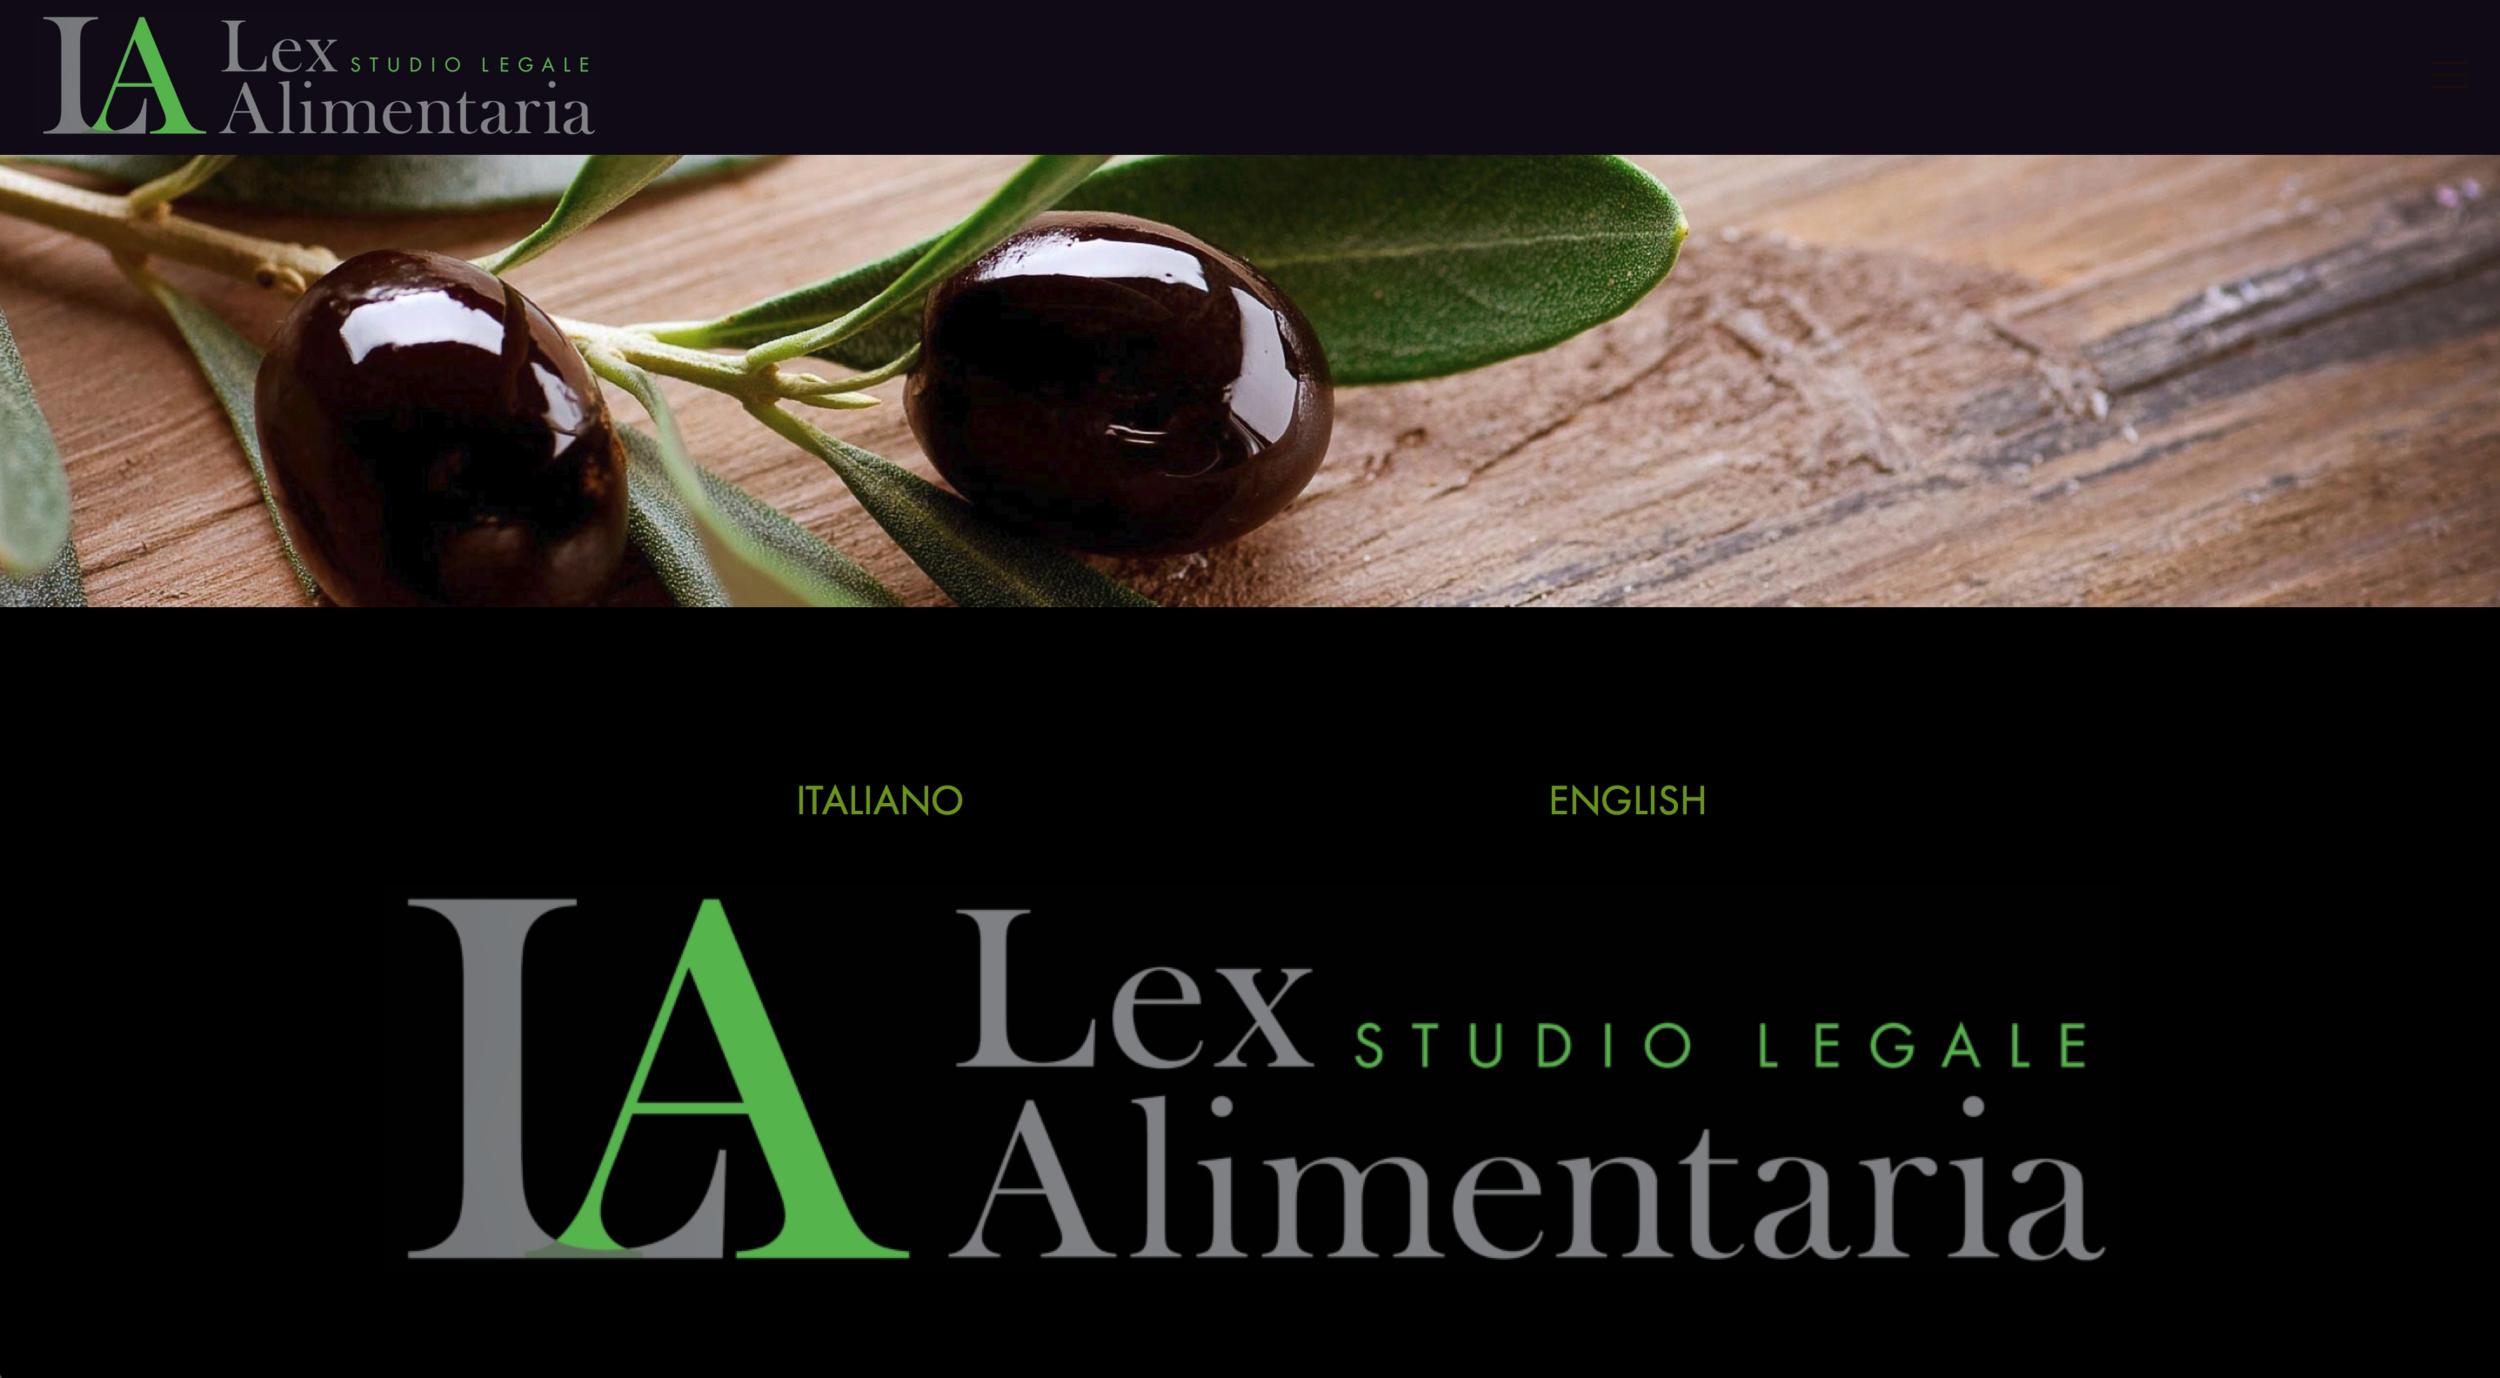 lex alimentaria studio legale